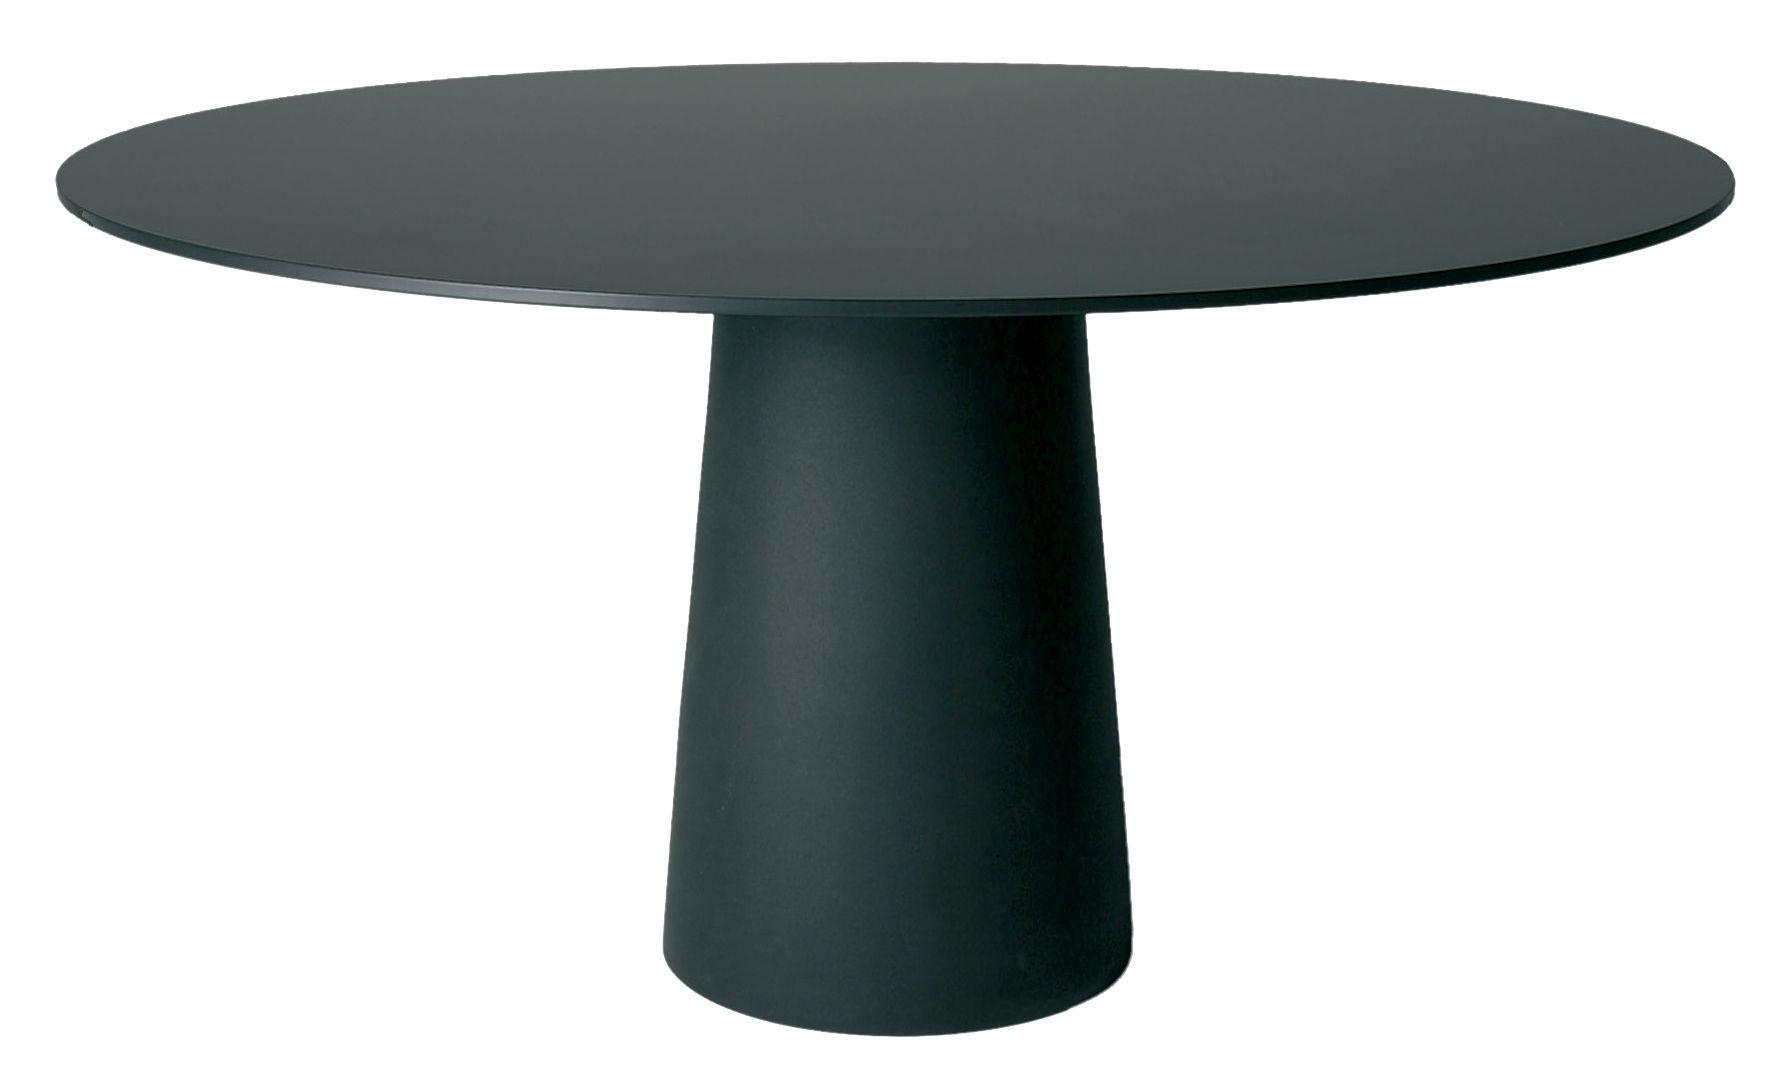 Outdoor - Tische - Tischzubehör - Moooi -  - HPL